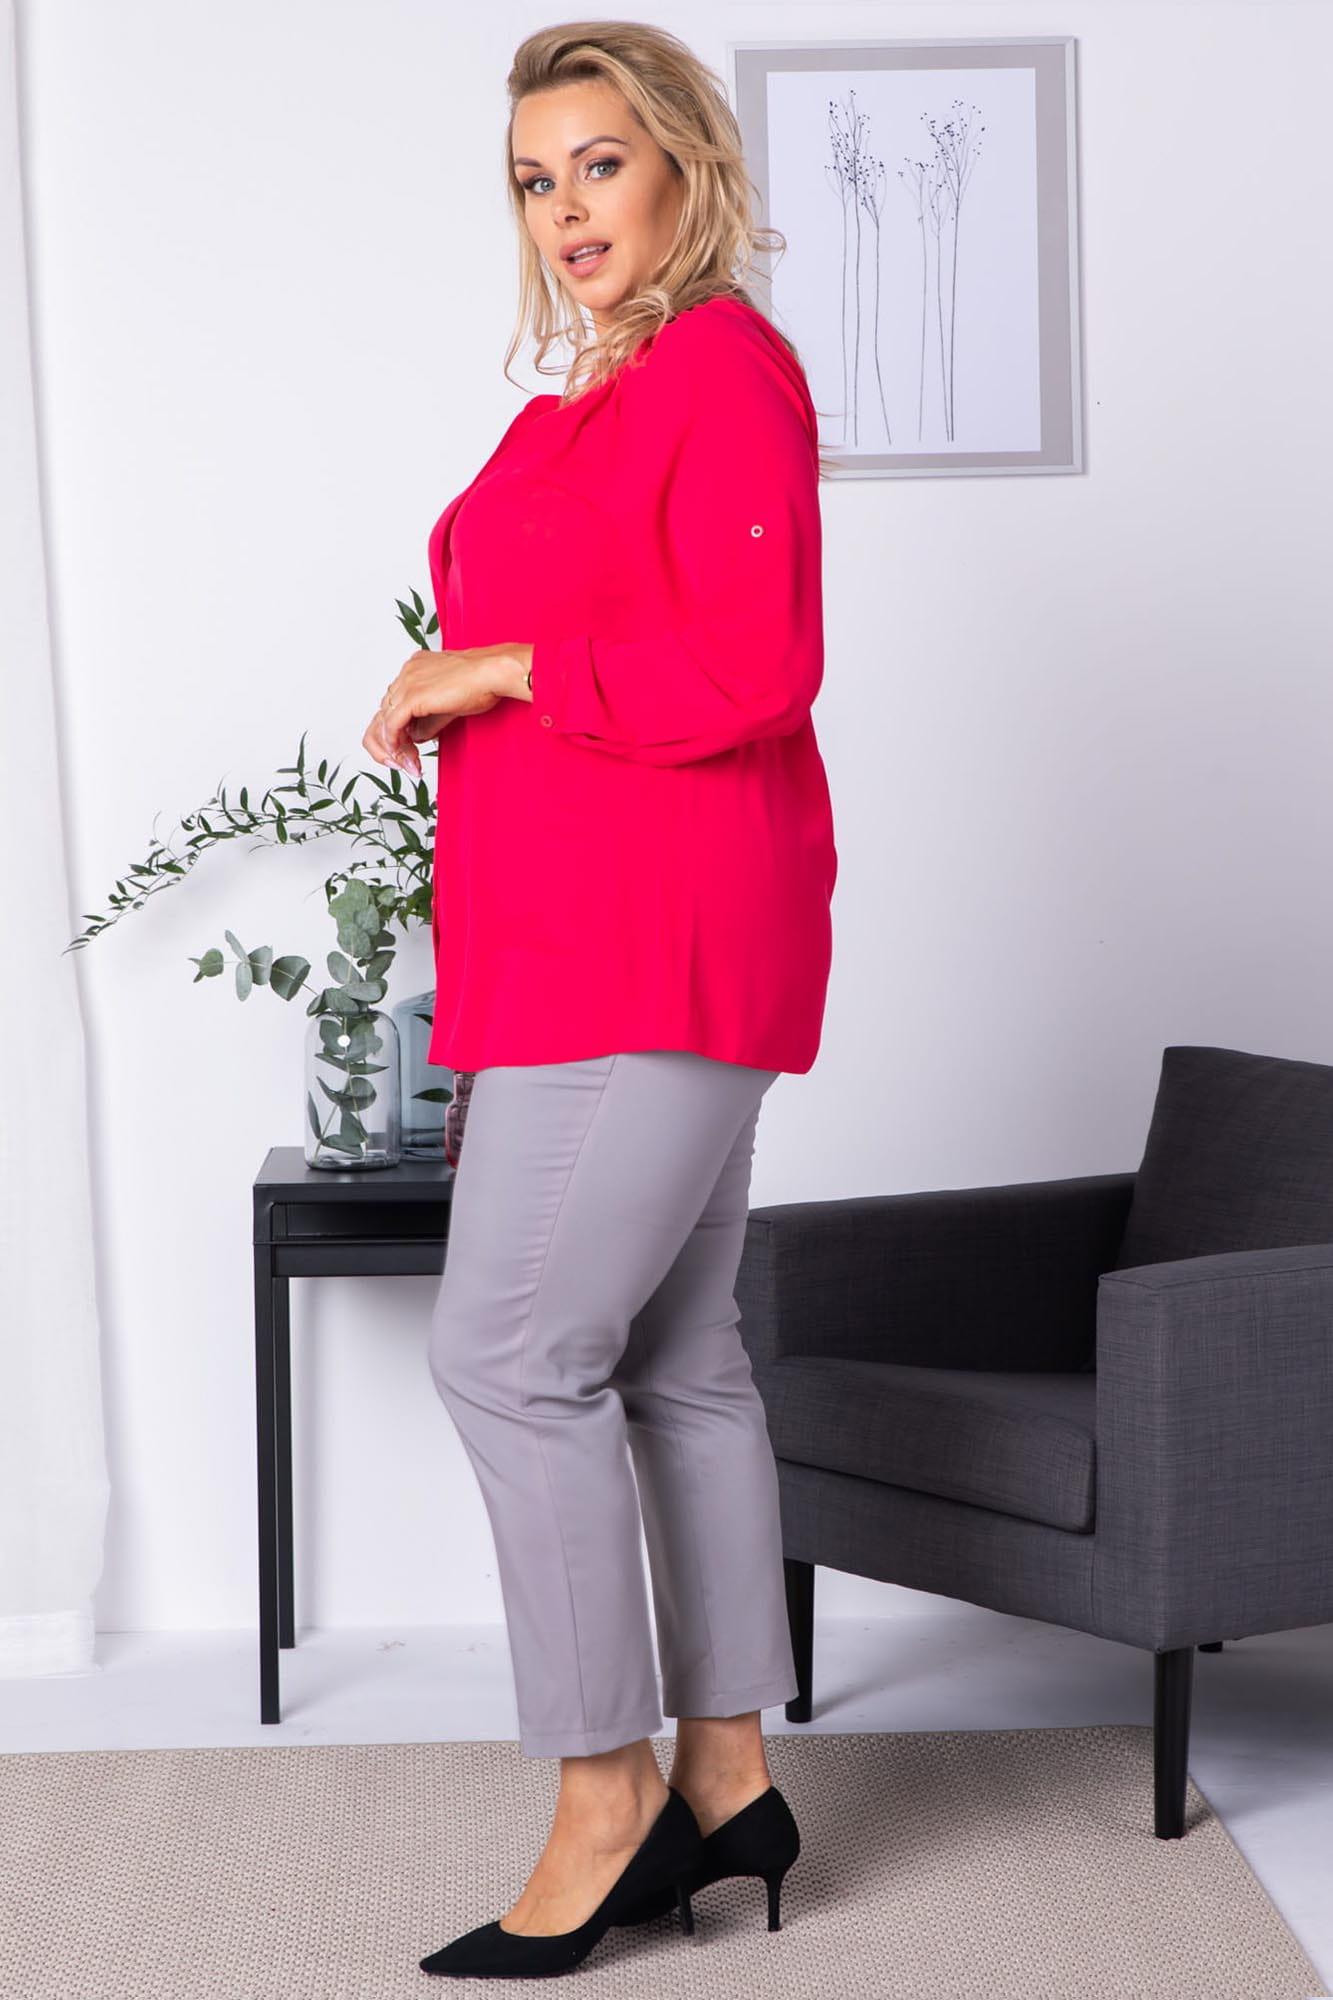 Bluse in Himbeerrot mit Knopfleiste Seitenansicht